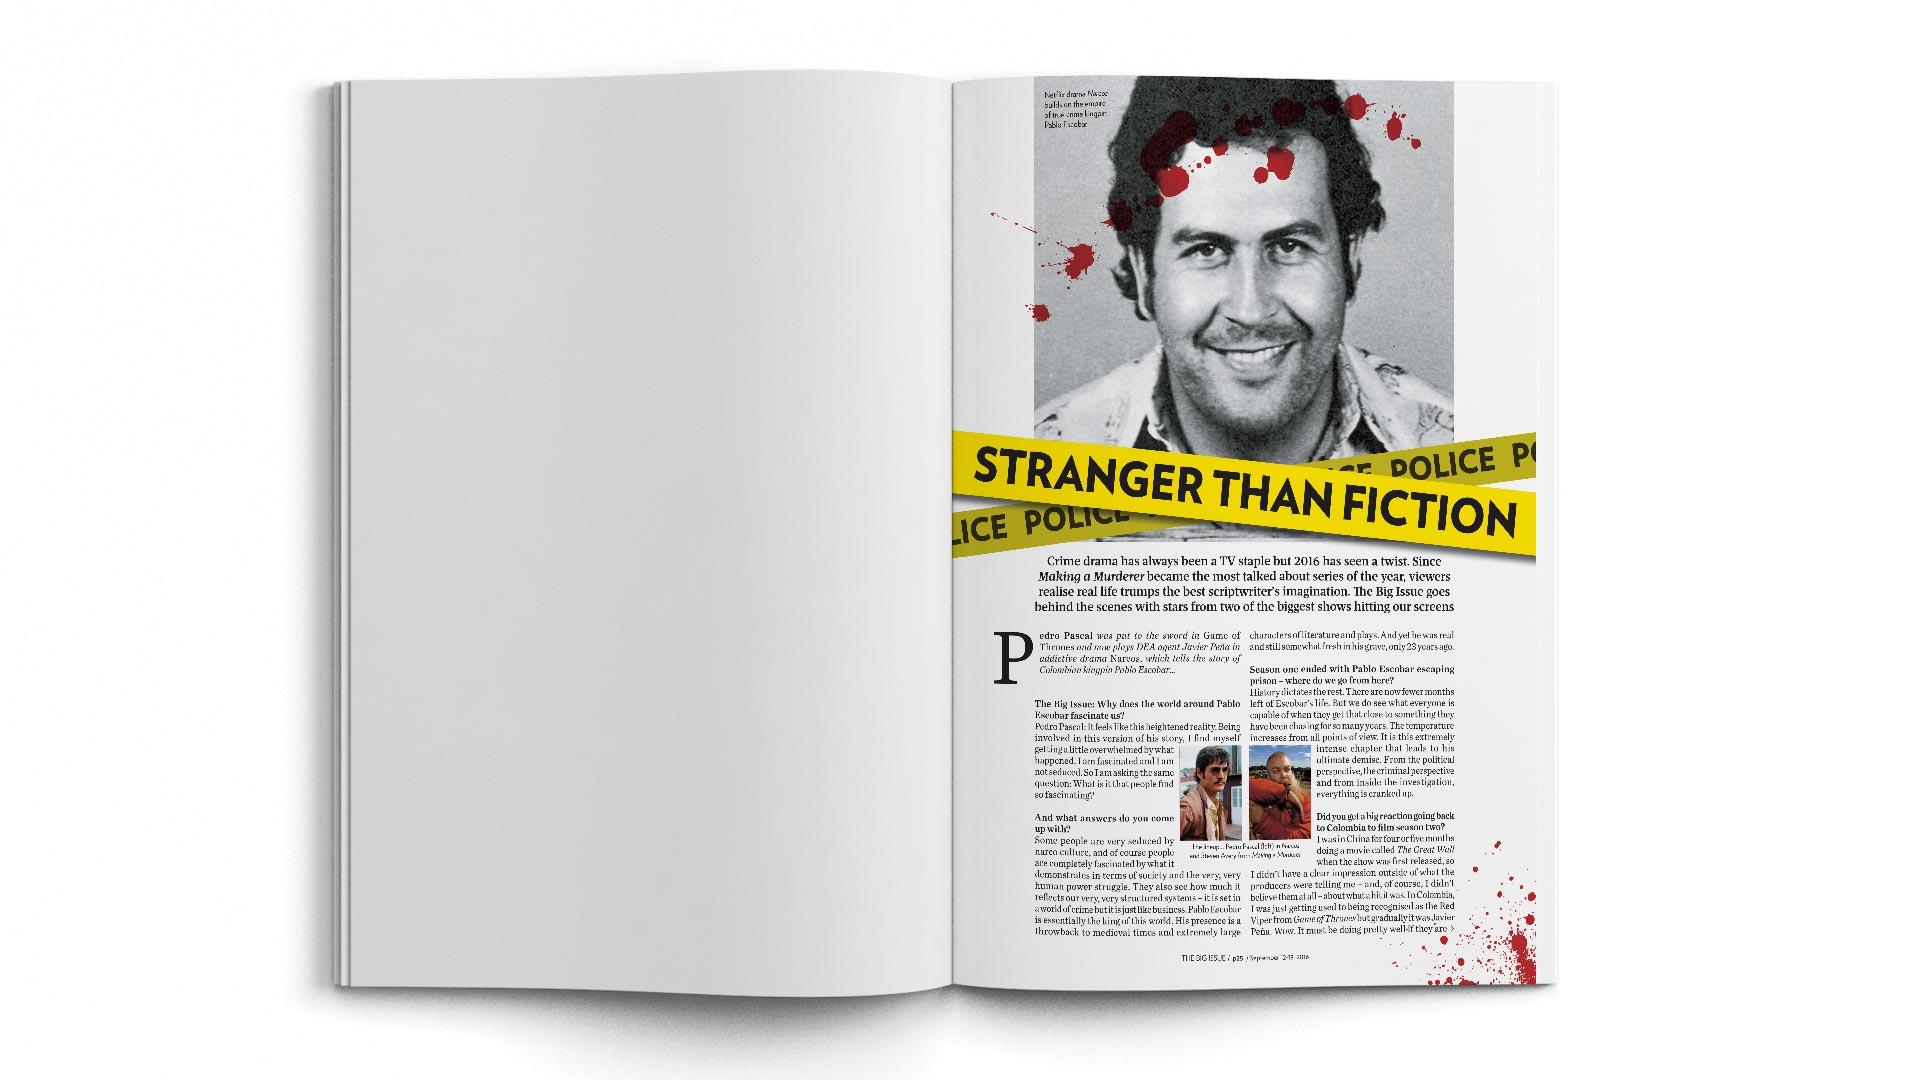 A4-Magazine-DPS-TBI-True-Crime-1